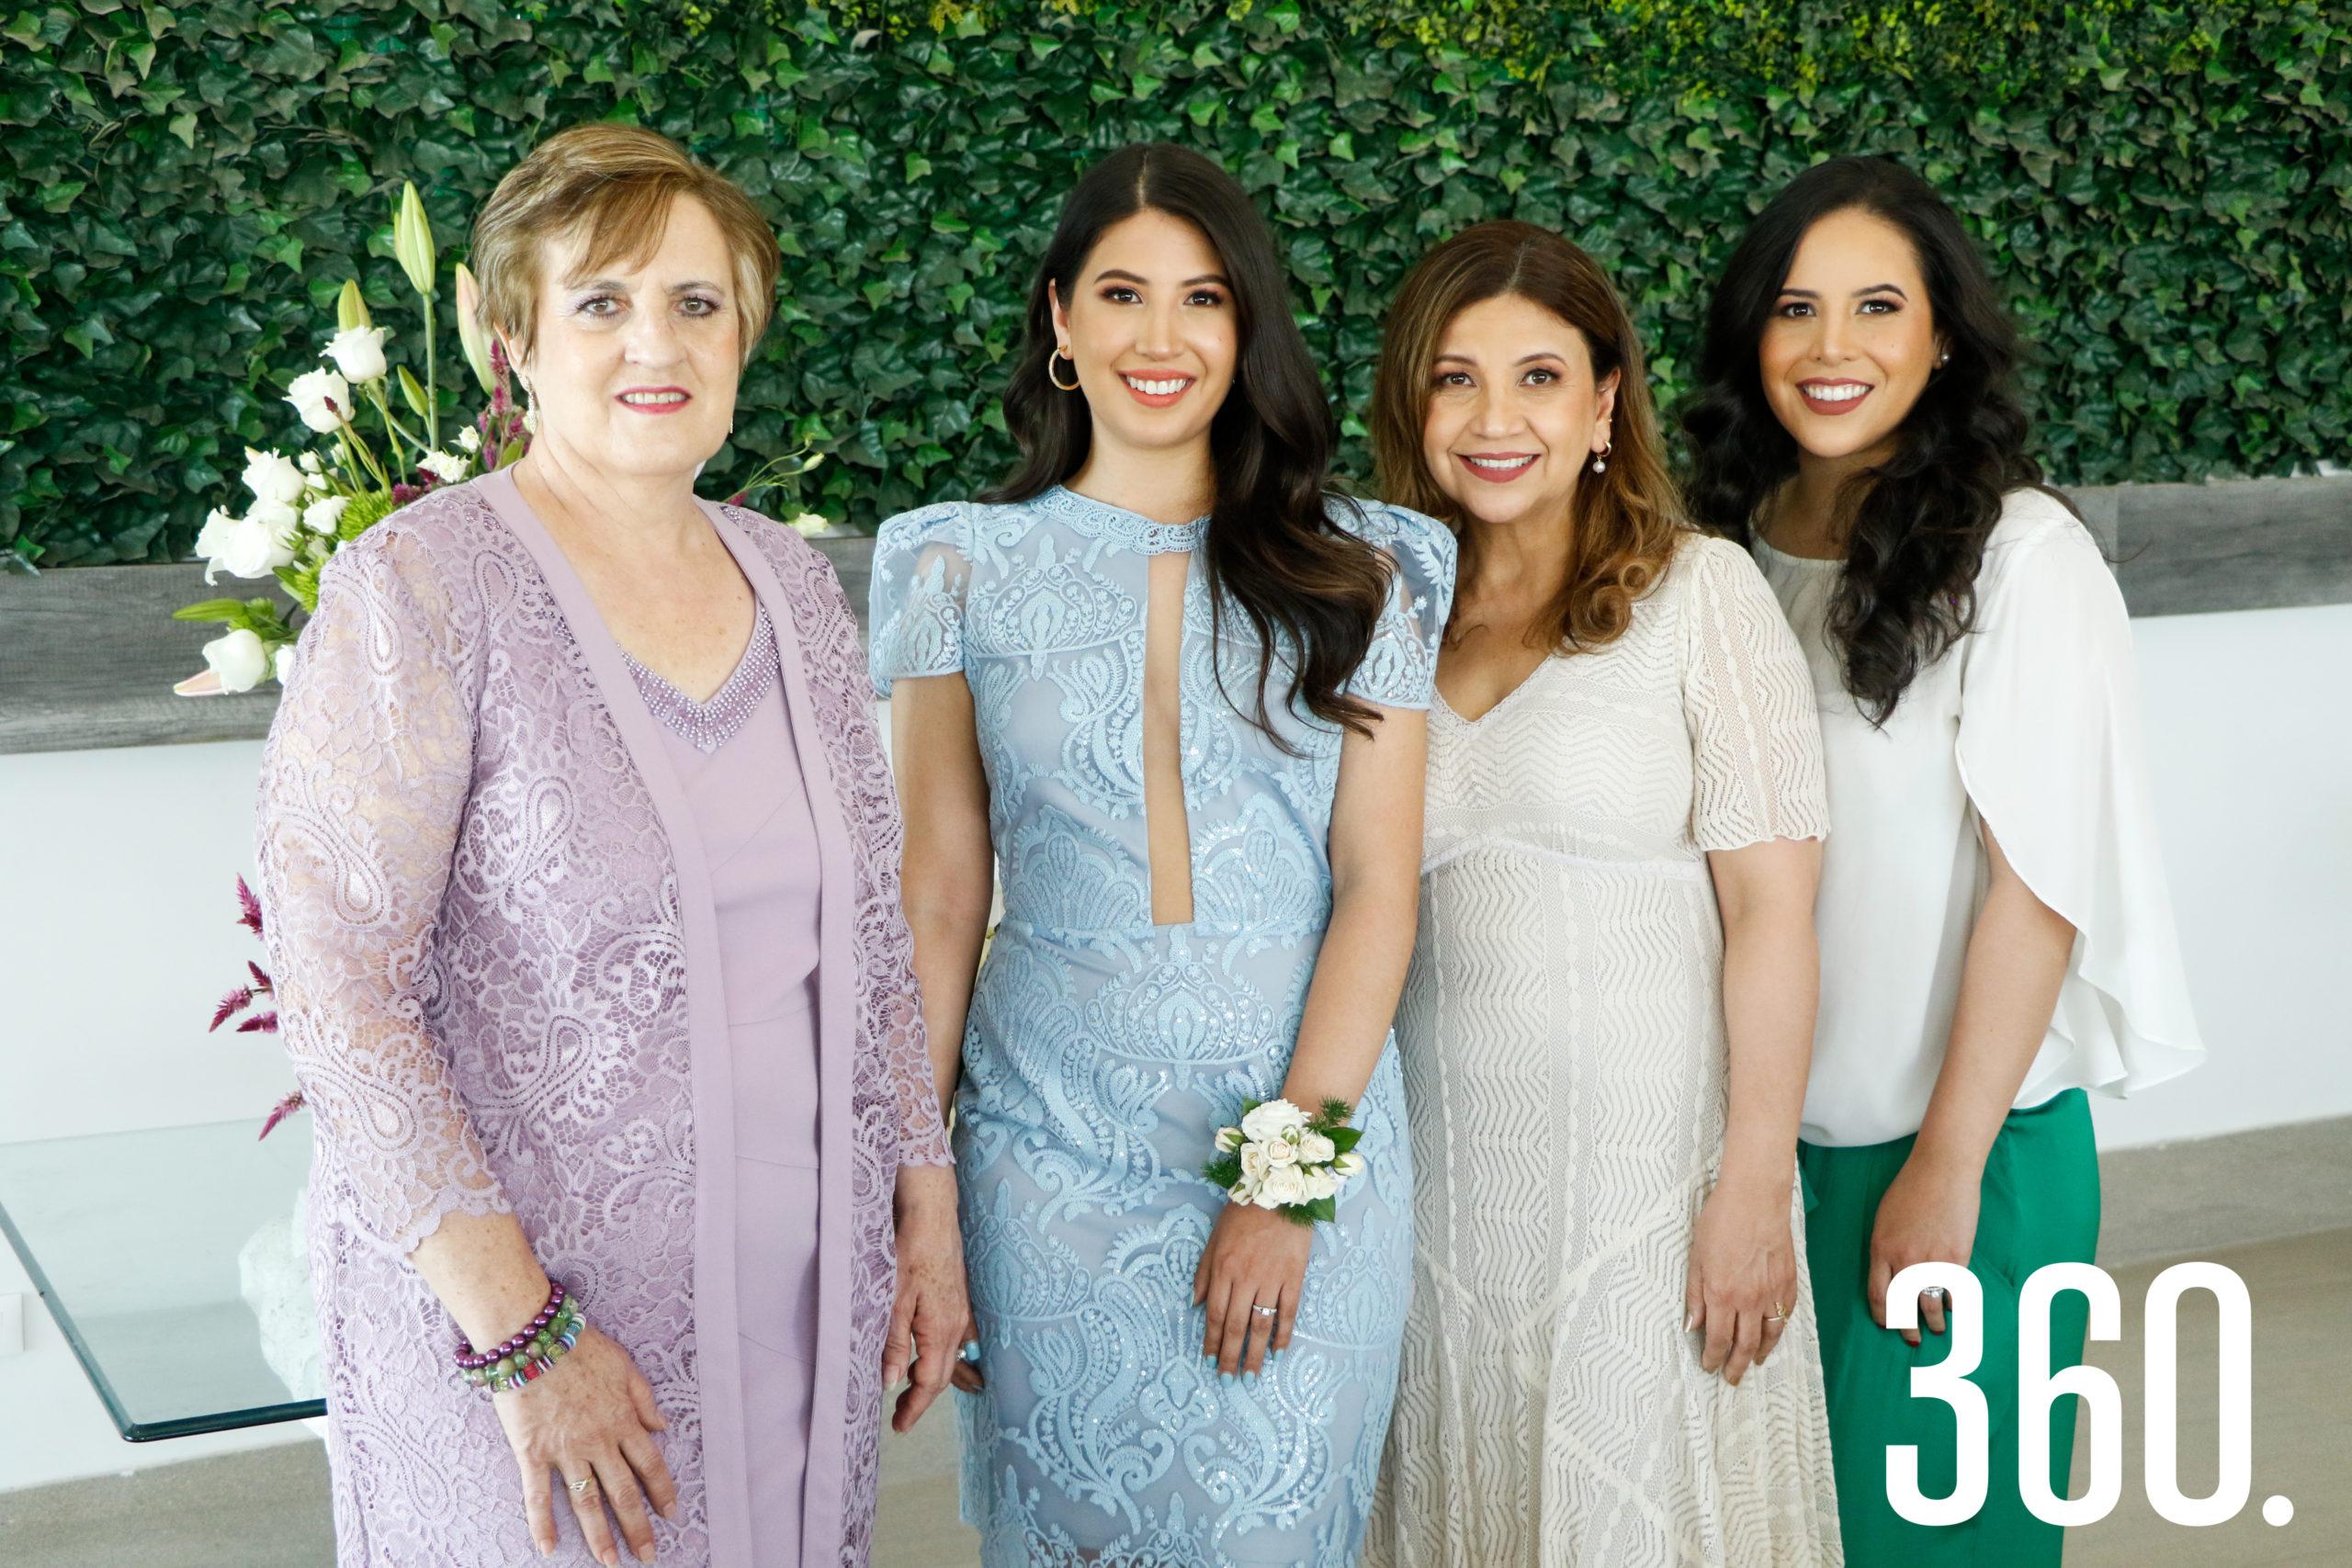 Ana con su suegra, madre y hermana, Gina Rodríguez, Paty Fernández y María Fernanda Tovar.